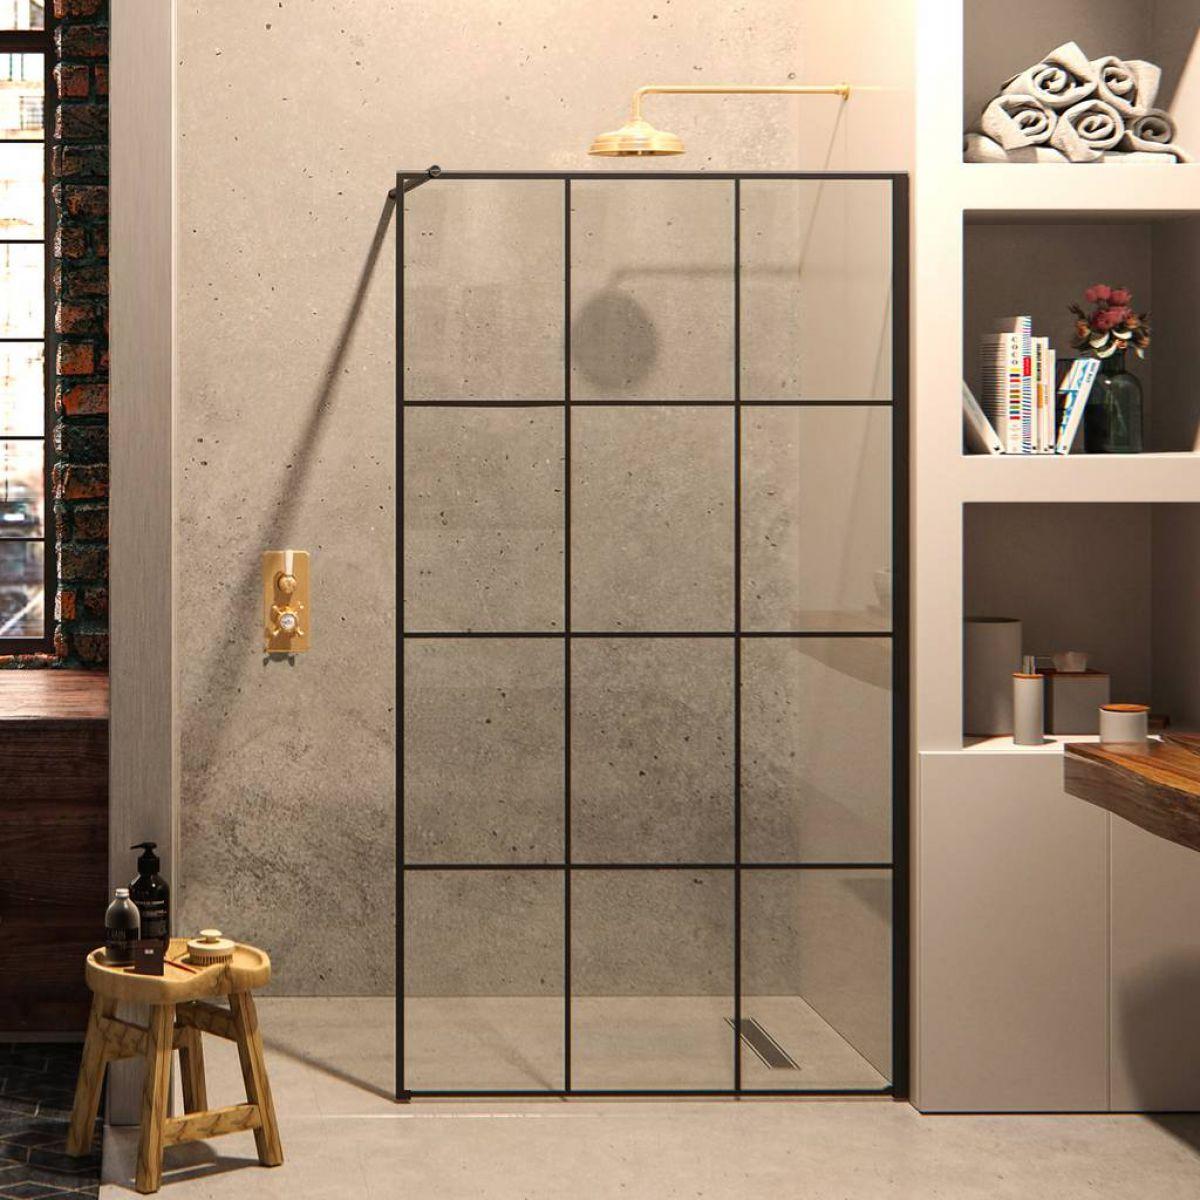 Matki One Framed Effect Wet Room Panel Uk Bathrooms